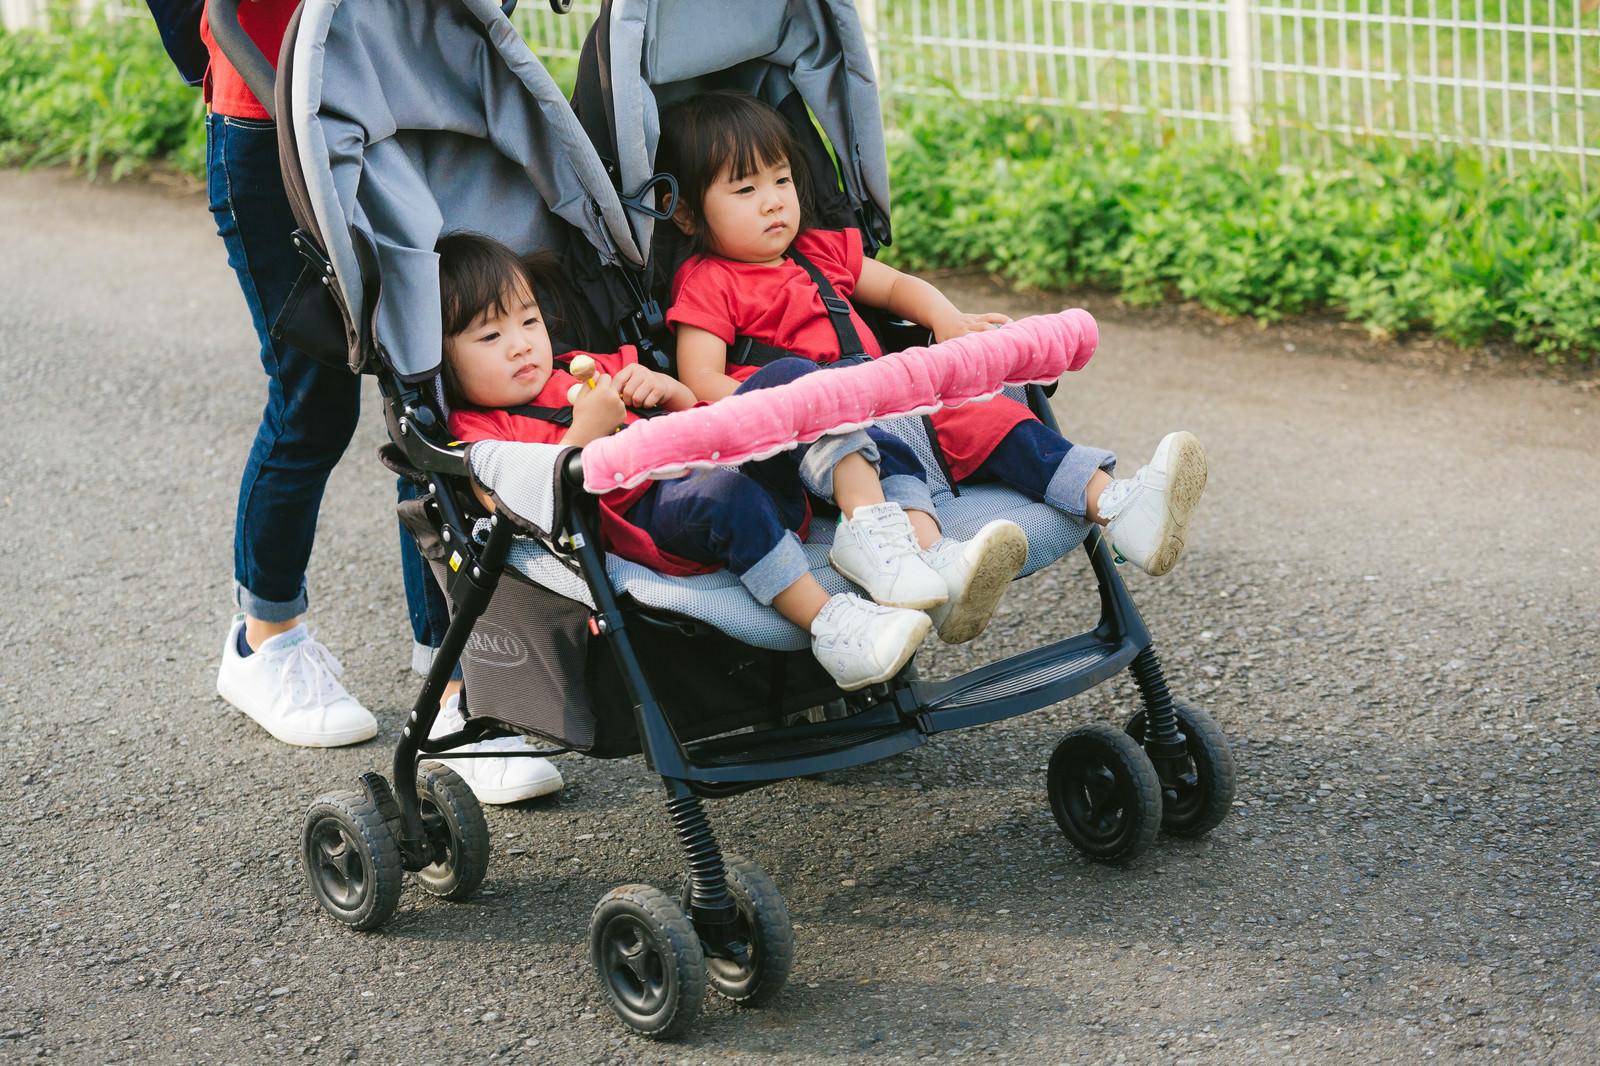 「二人乗りベビーカーで屋外散歩中」の写真[モデル:あおみどり]